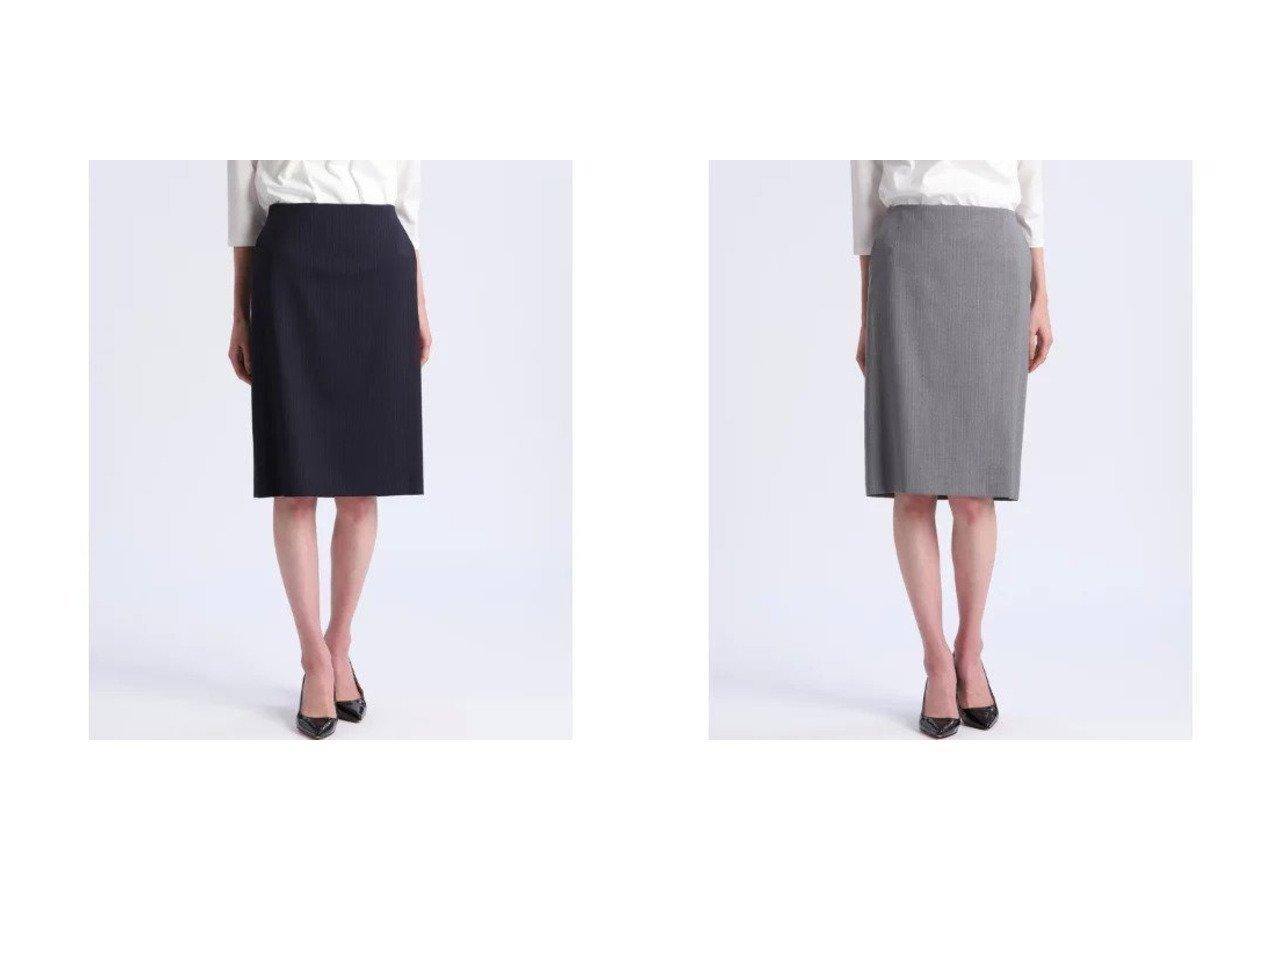 【INED/イネド】のシルクウールタイトスカート 【スカート】おすすめ!人気、トレンド・レディースファッションの通販 おすすめで人気の流行・トレンド、ファッションの通販商品 メンズファッション・キッズファッション・インテリア・家具・レディースファッション・服の通販 founy(ファニー) https://founy.com/ ファッション Fashion レディースファッション WOMEN スカート Skirt おすすめ Recommend シルク ジャケット ストライプ スマート タイトスカート |ID:crp329100000032370